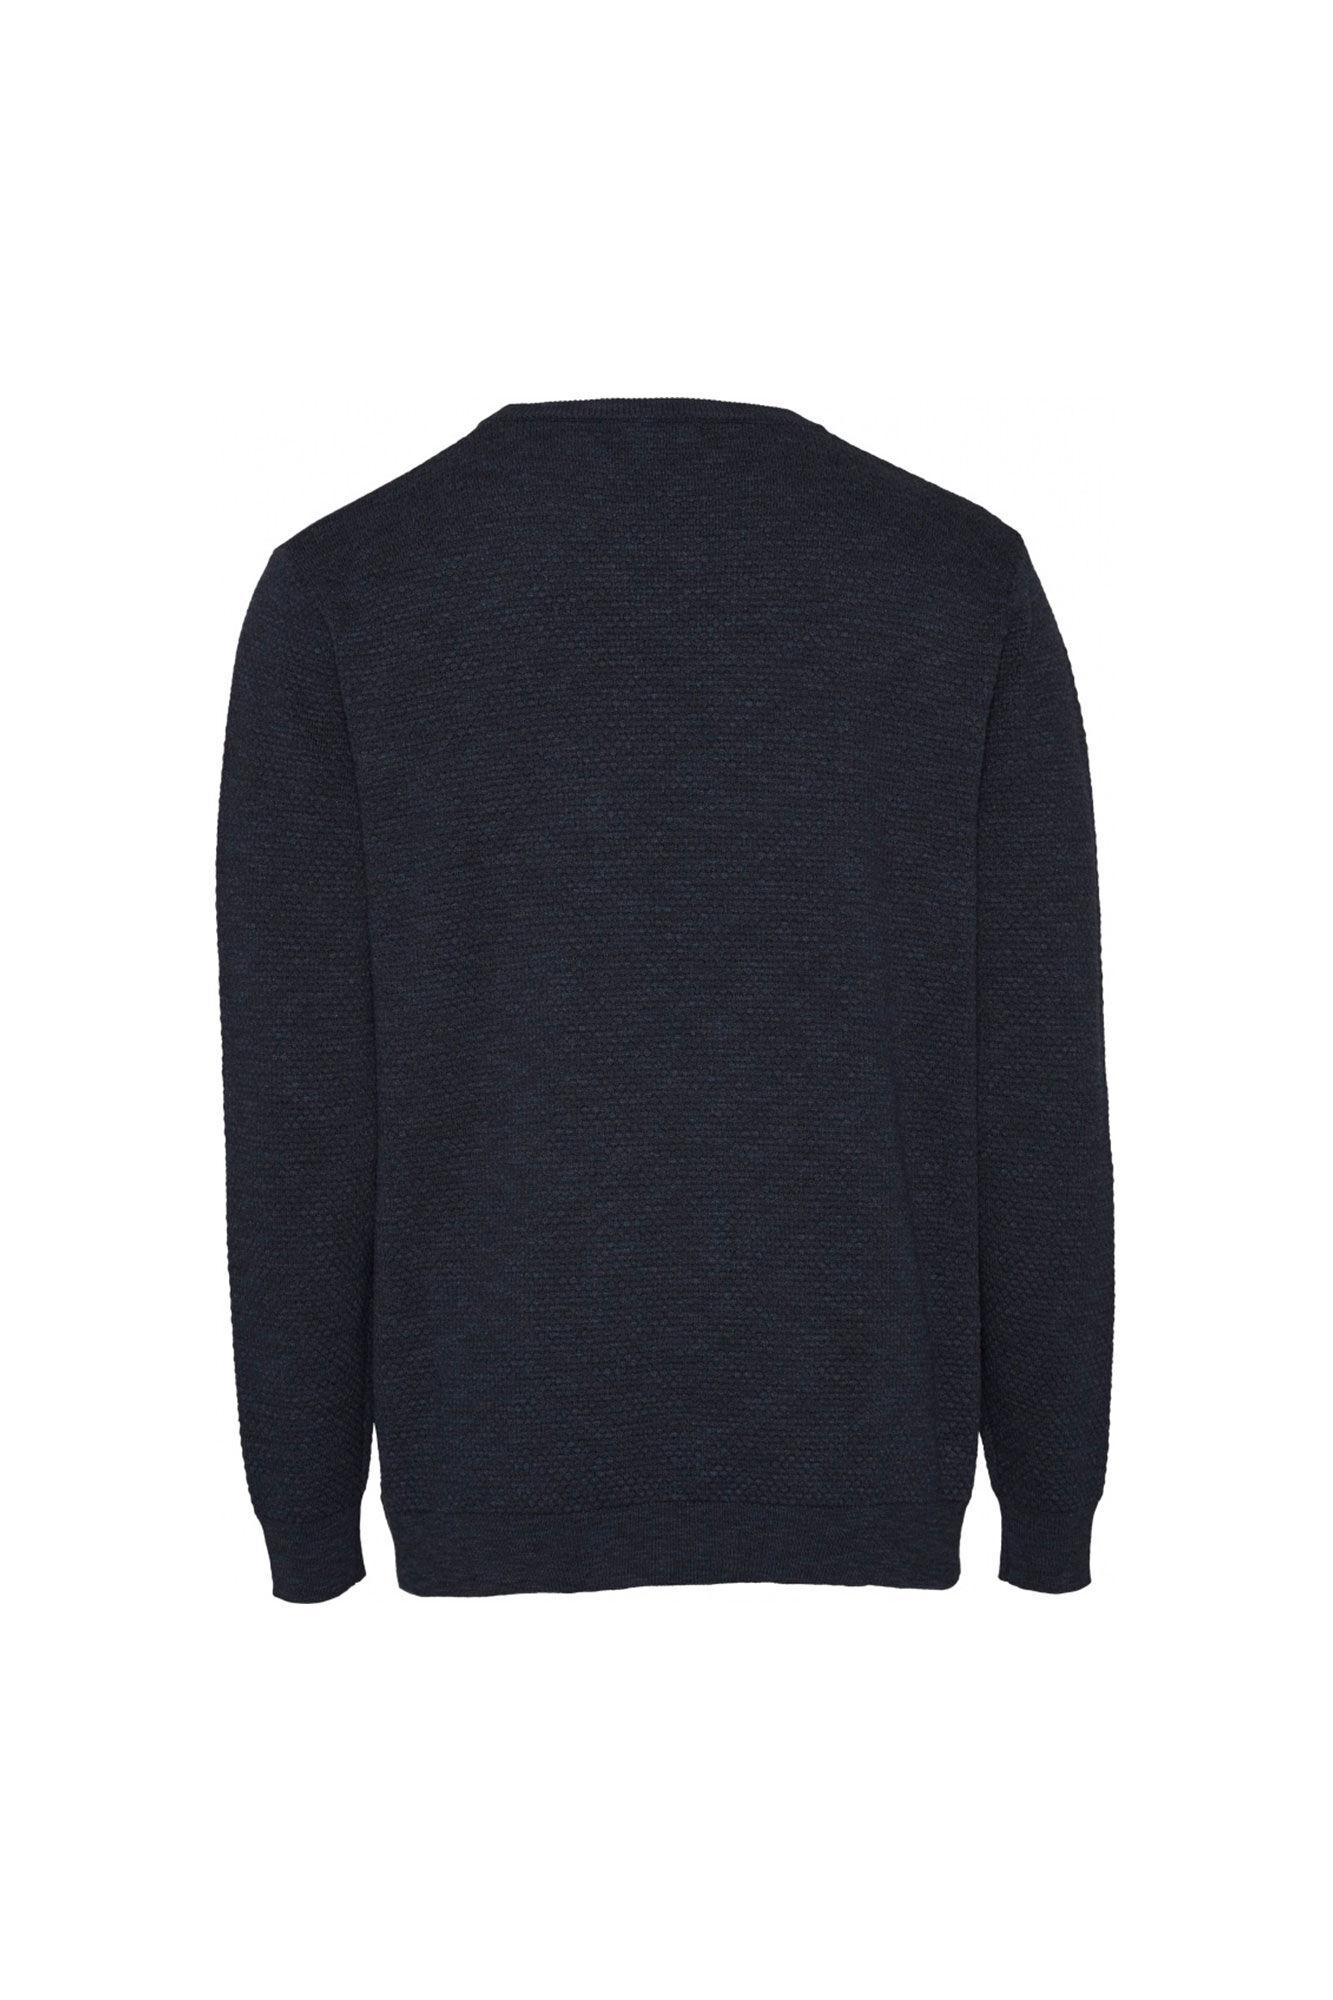 Bobble knit crew-neck 80563, TOTAL ECLIPSE